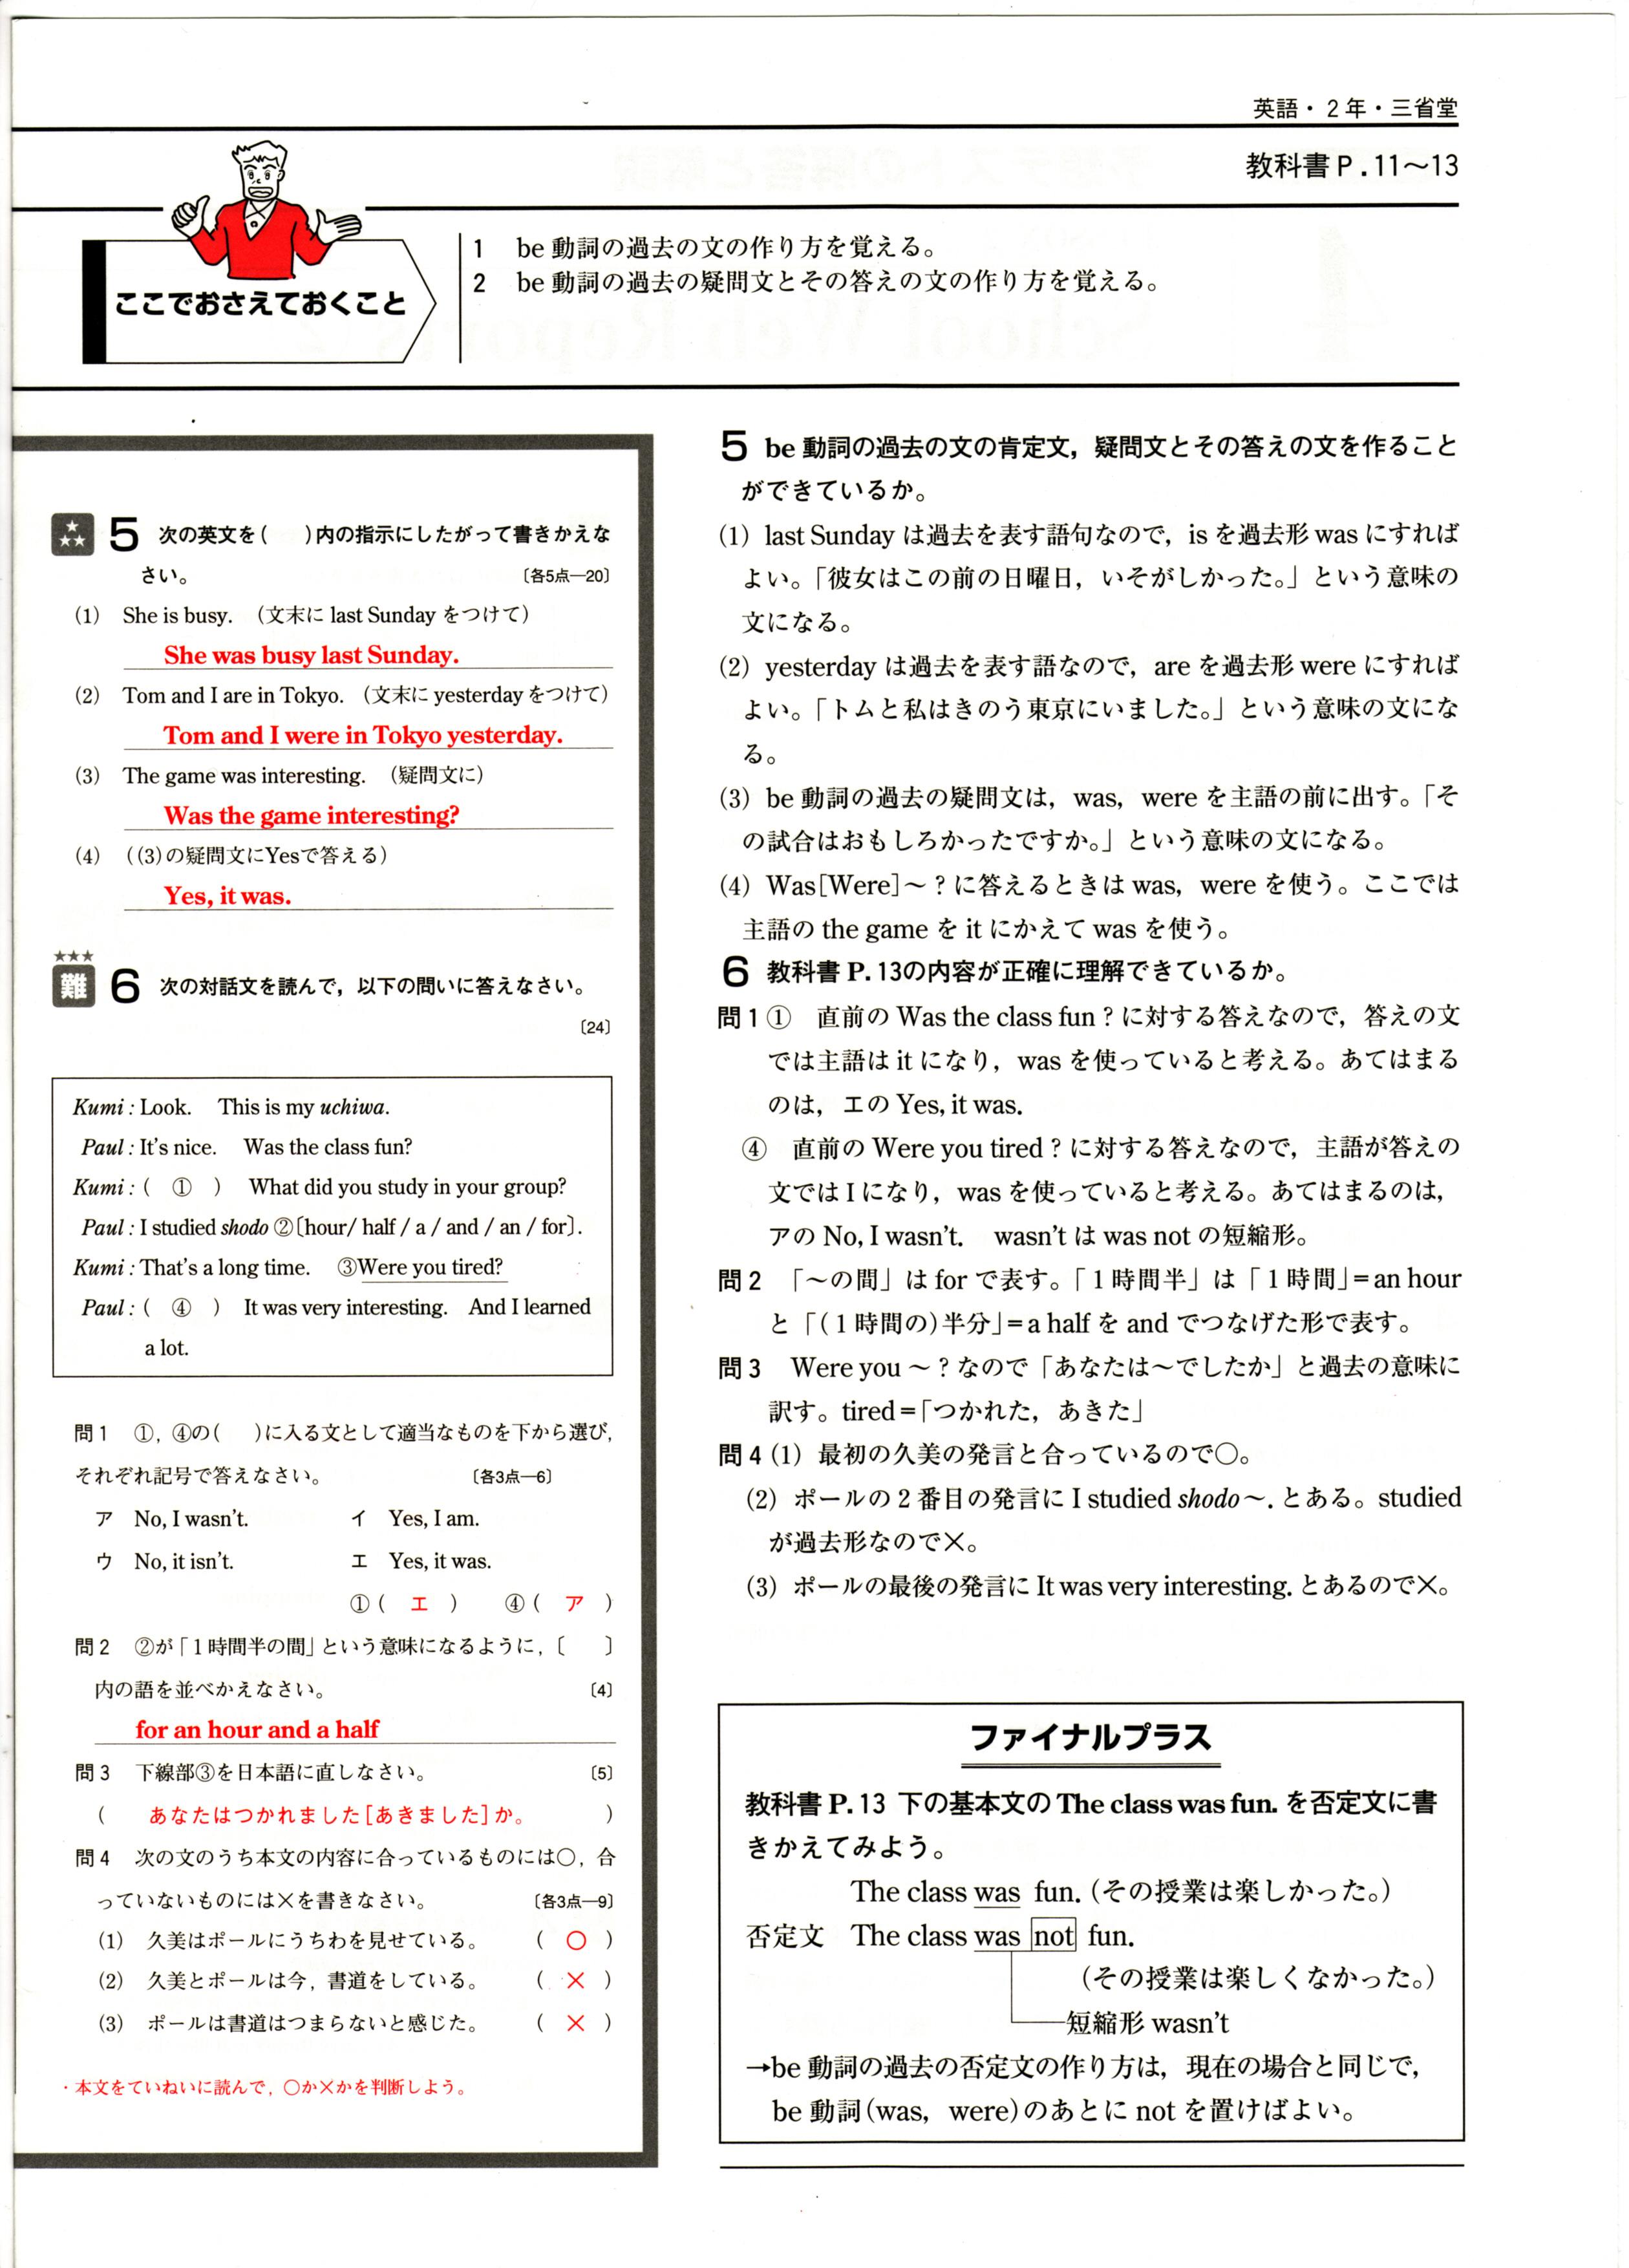 定期テスト対策予想テスト解答・解説(中2 NEW CROWN 三省堂版)